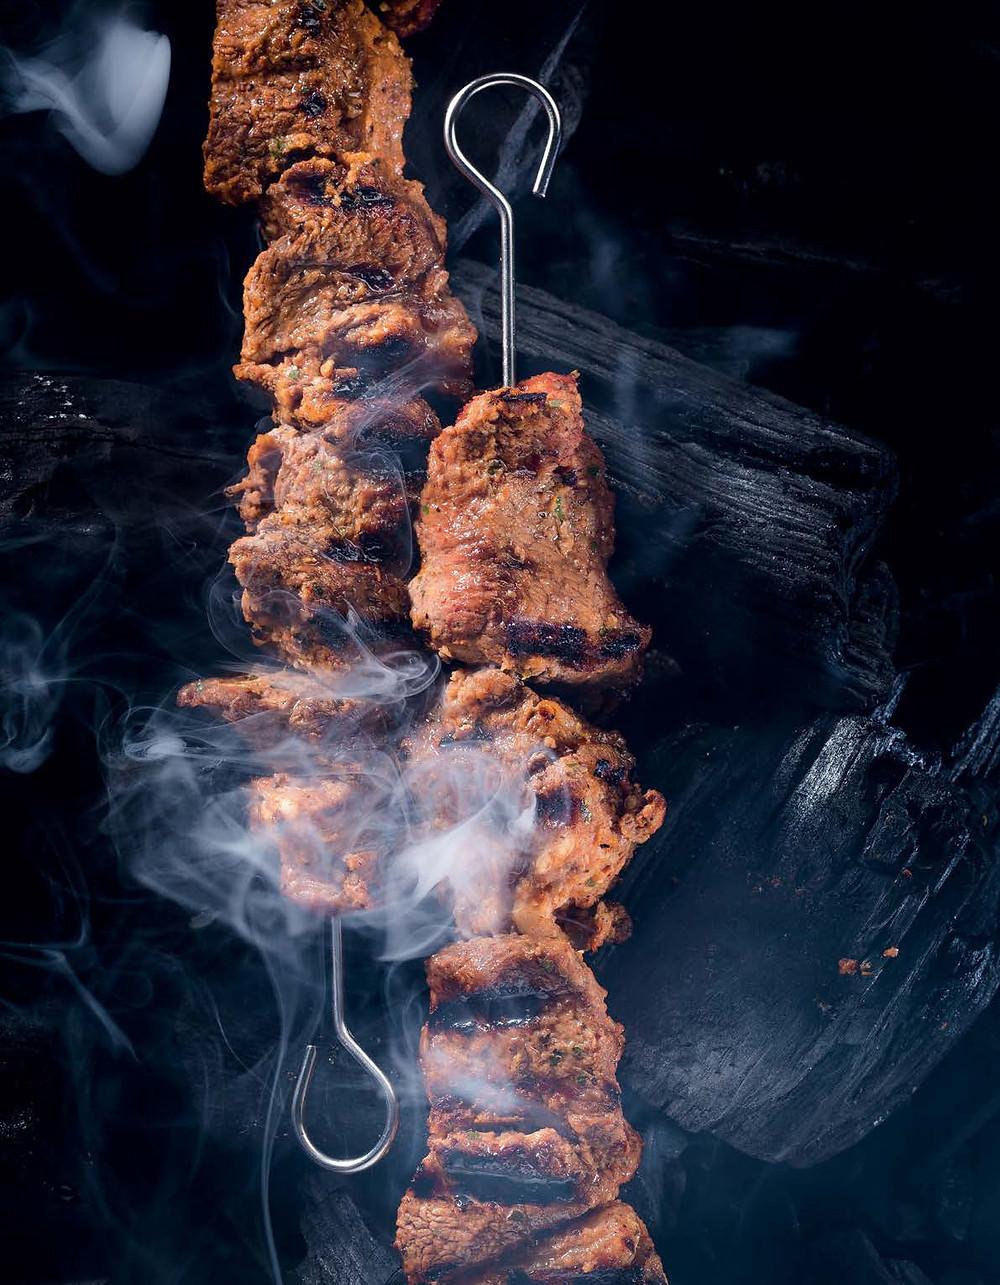 kiaulienos šašlykas, grilio patiekalai